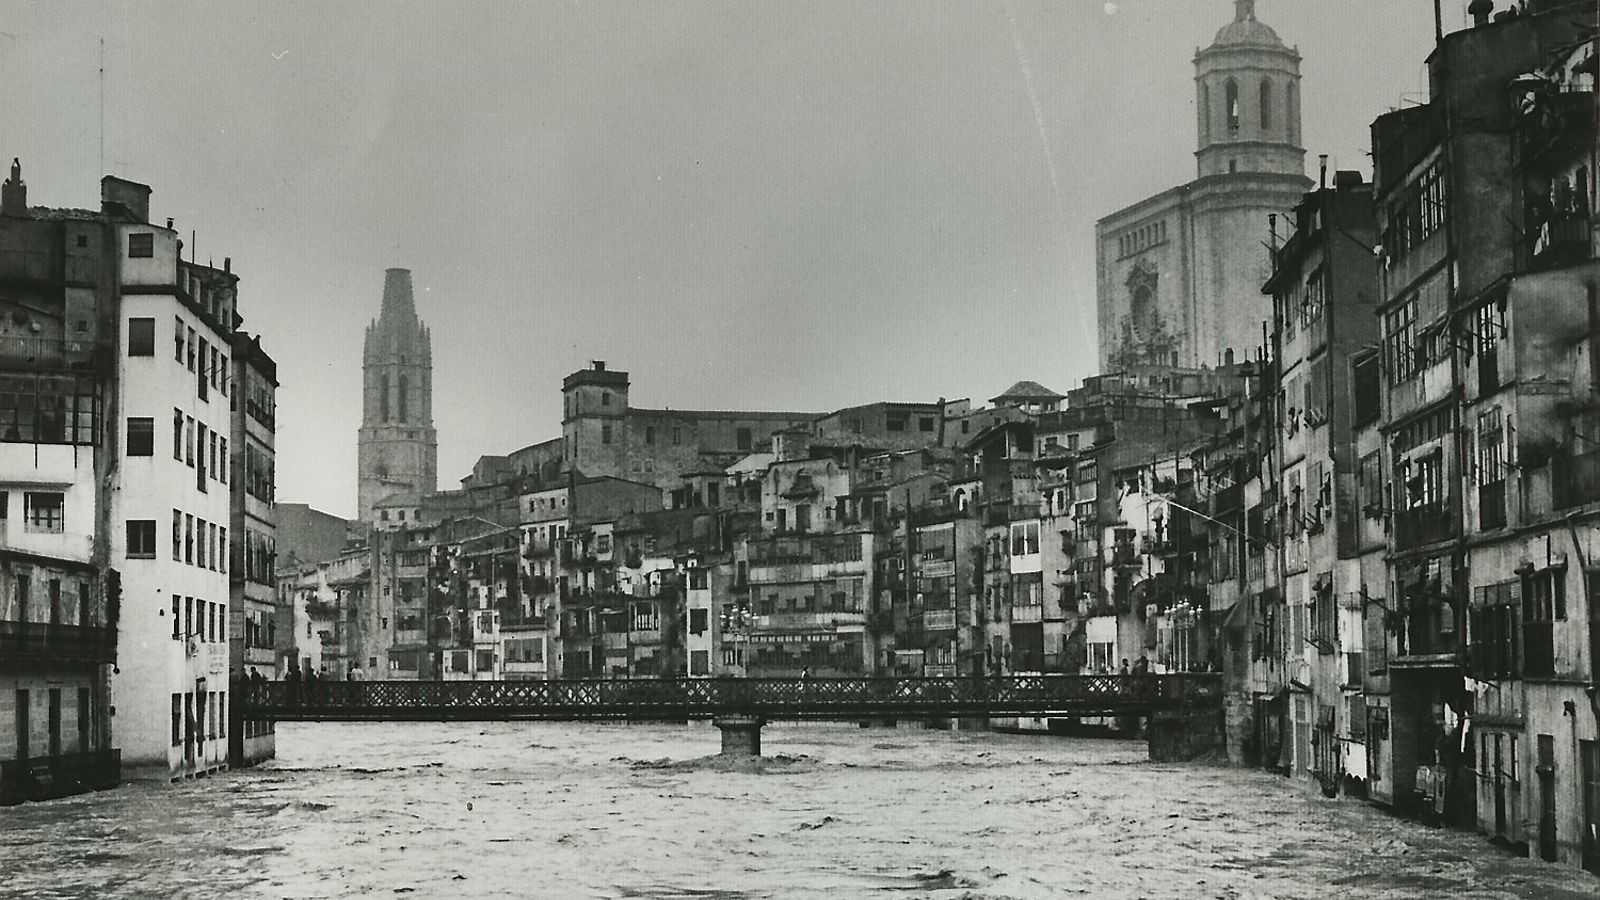 Els aiguats, una amenaça històrica que persisteix